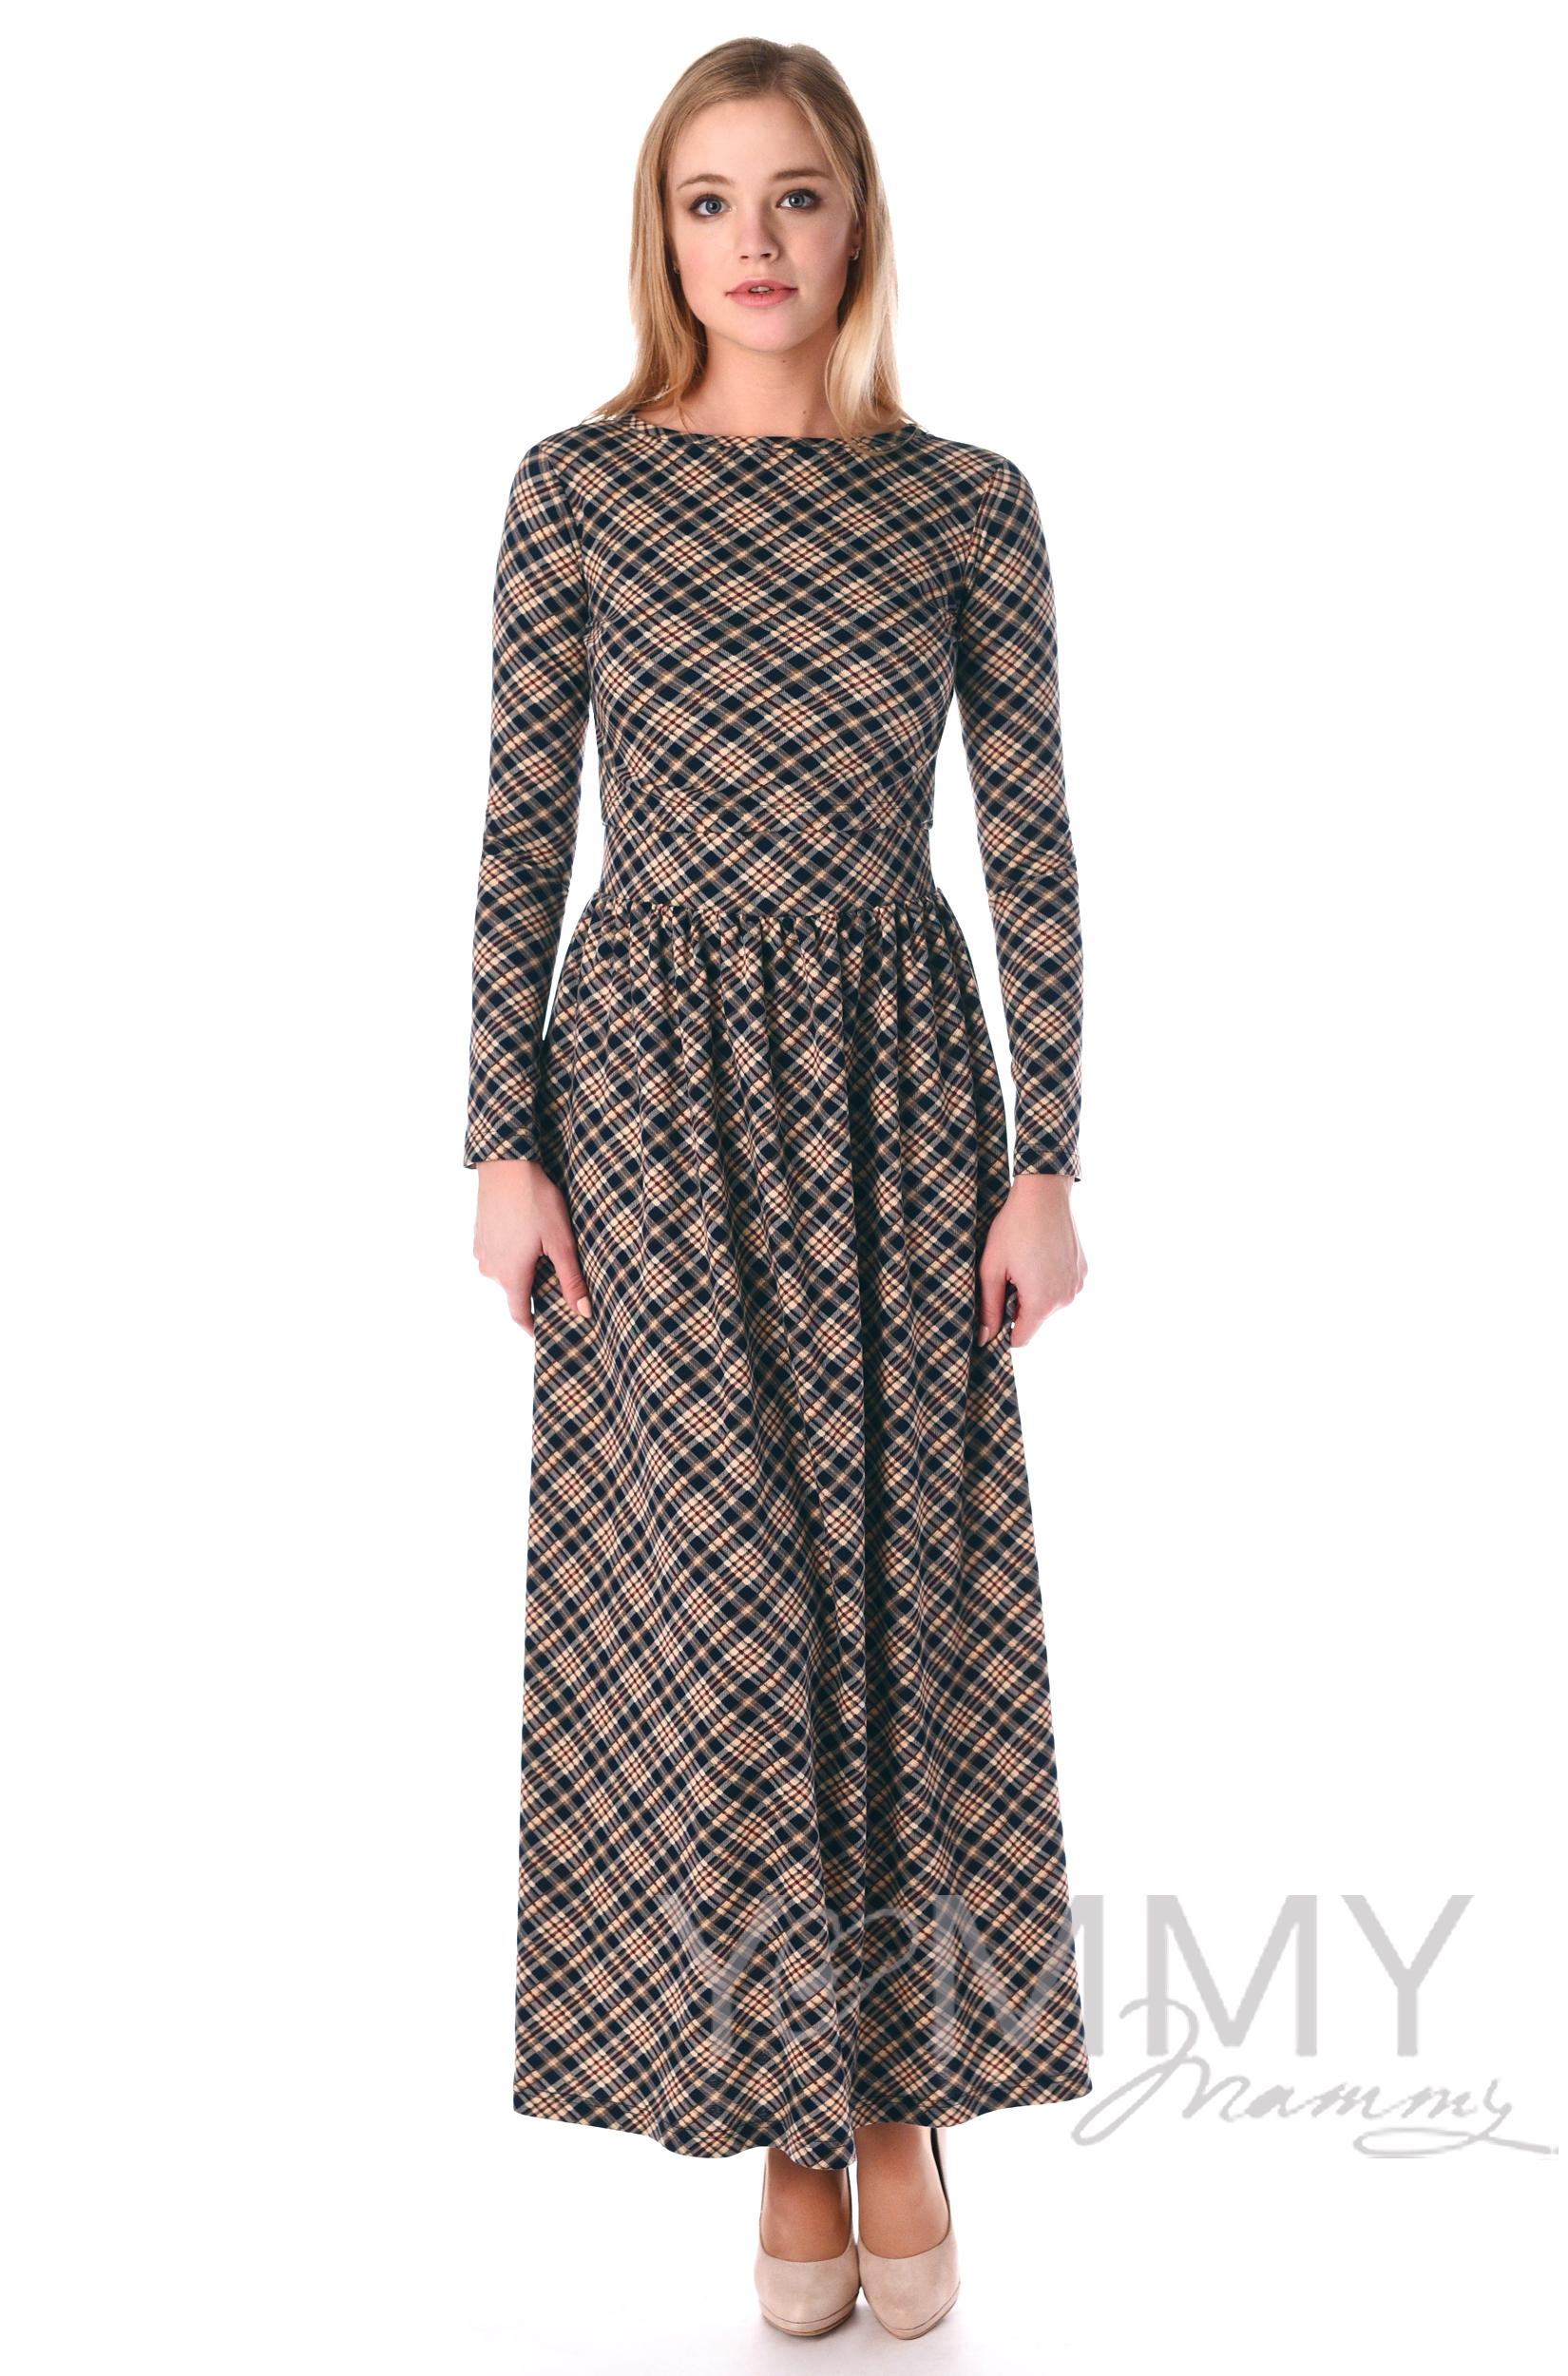 Платье длинное с карманами в бежевую/темно-синюю клетку для беременных